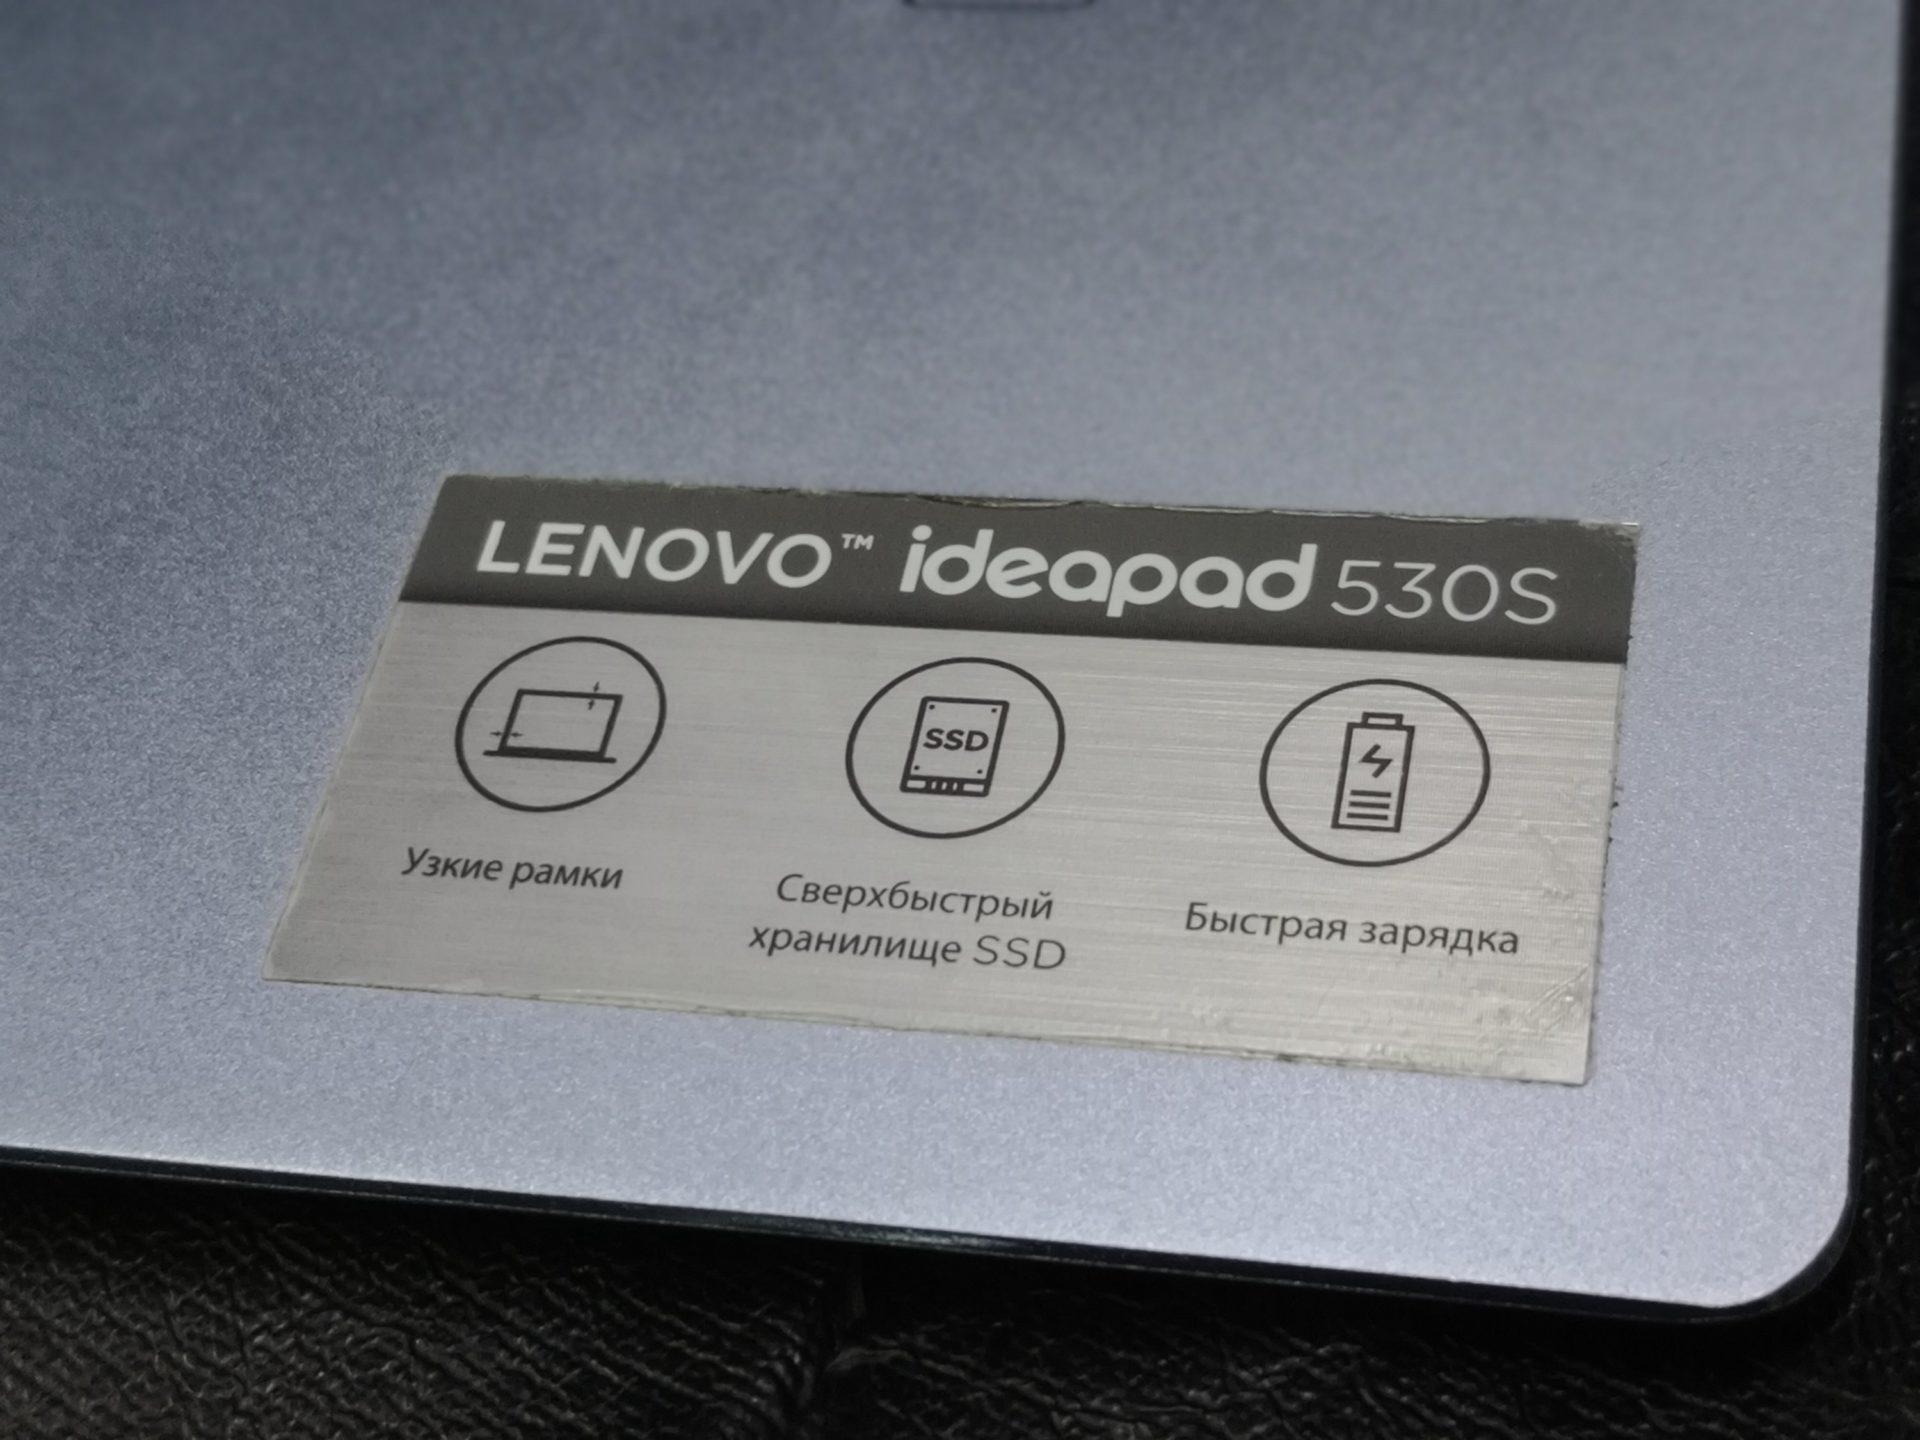 Lenovo ideapad 530s и стекло экрана, которое отклеилось